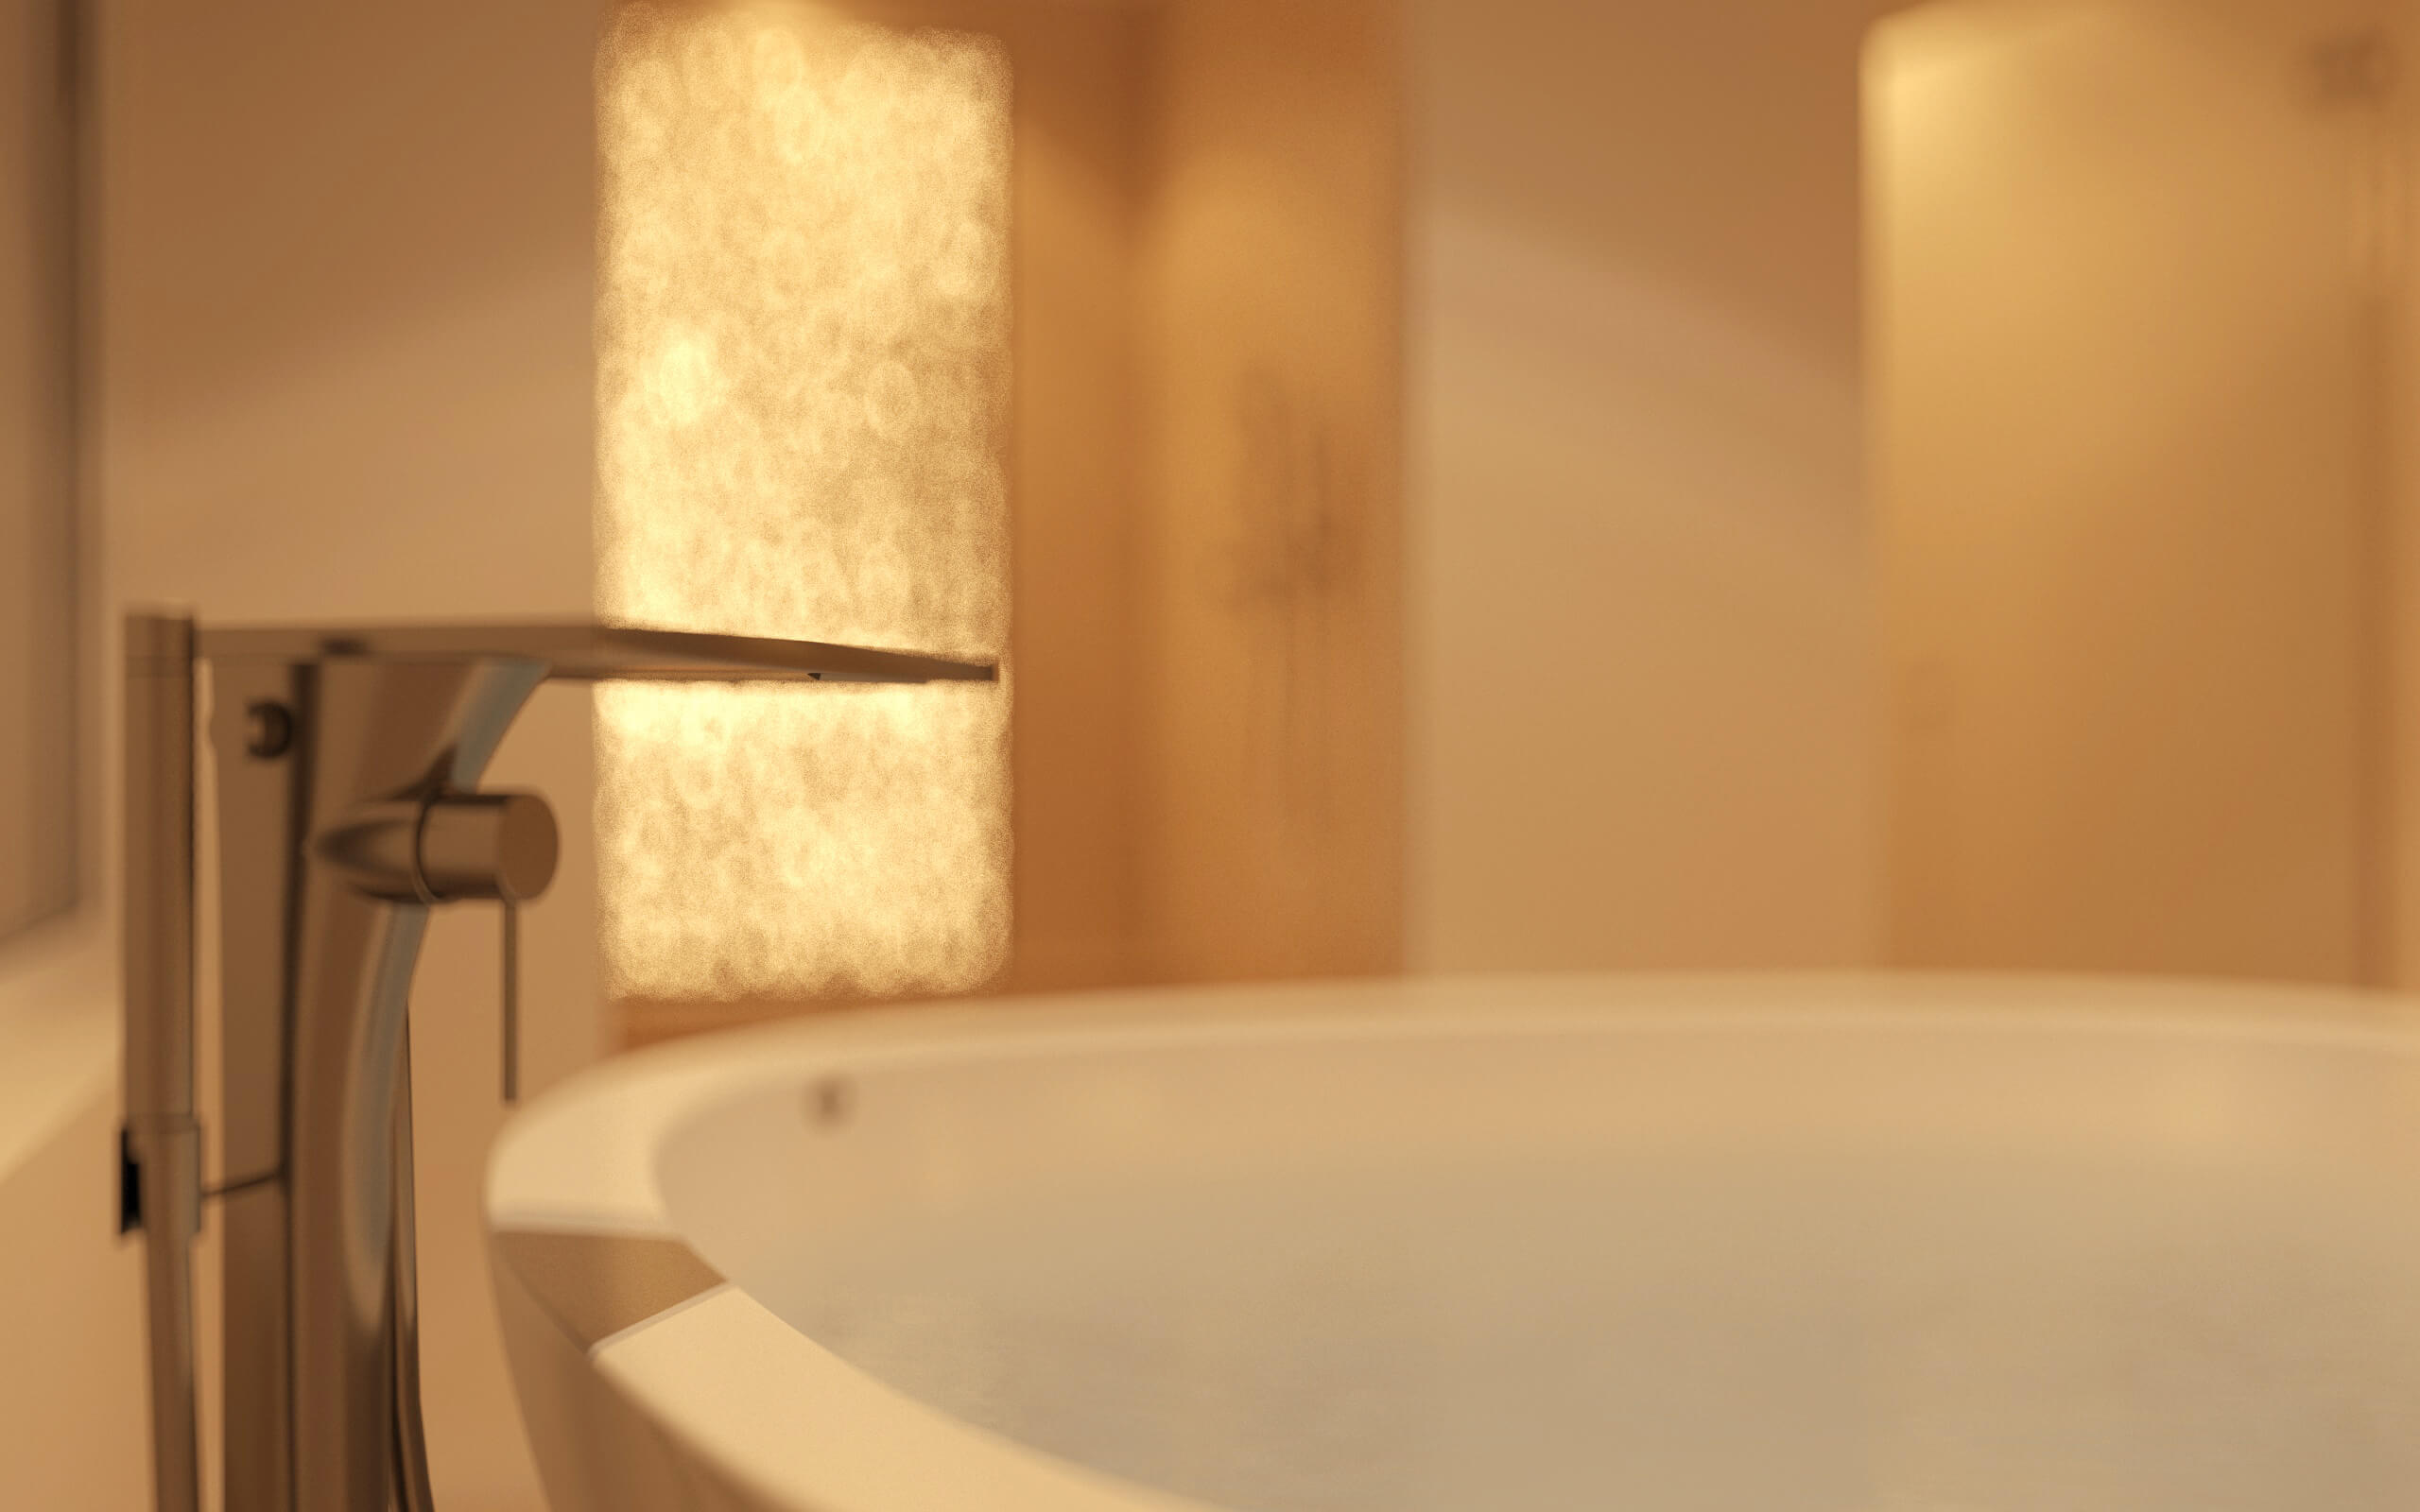 Der Designer Torsten Müller aus Bad Honnef nähe Köln Bonn schaft Wohlfühloasen für jeden Geschmack. Mit viel Liebe zum Detail findet er heraus die optimale und individuelle Lösungen für ihr Wohlfühlbad für die Sinne. Traumhafte Badezimmer.